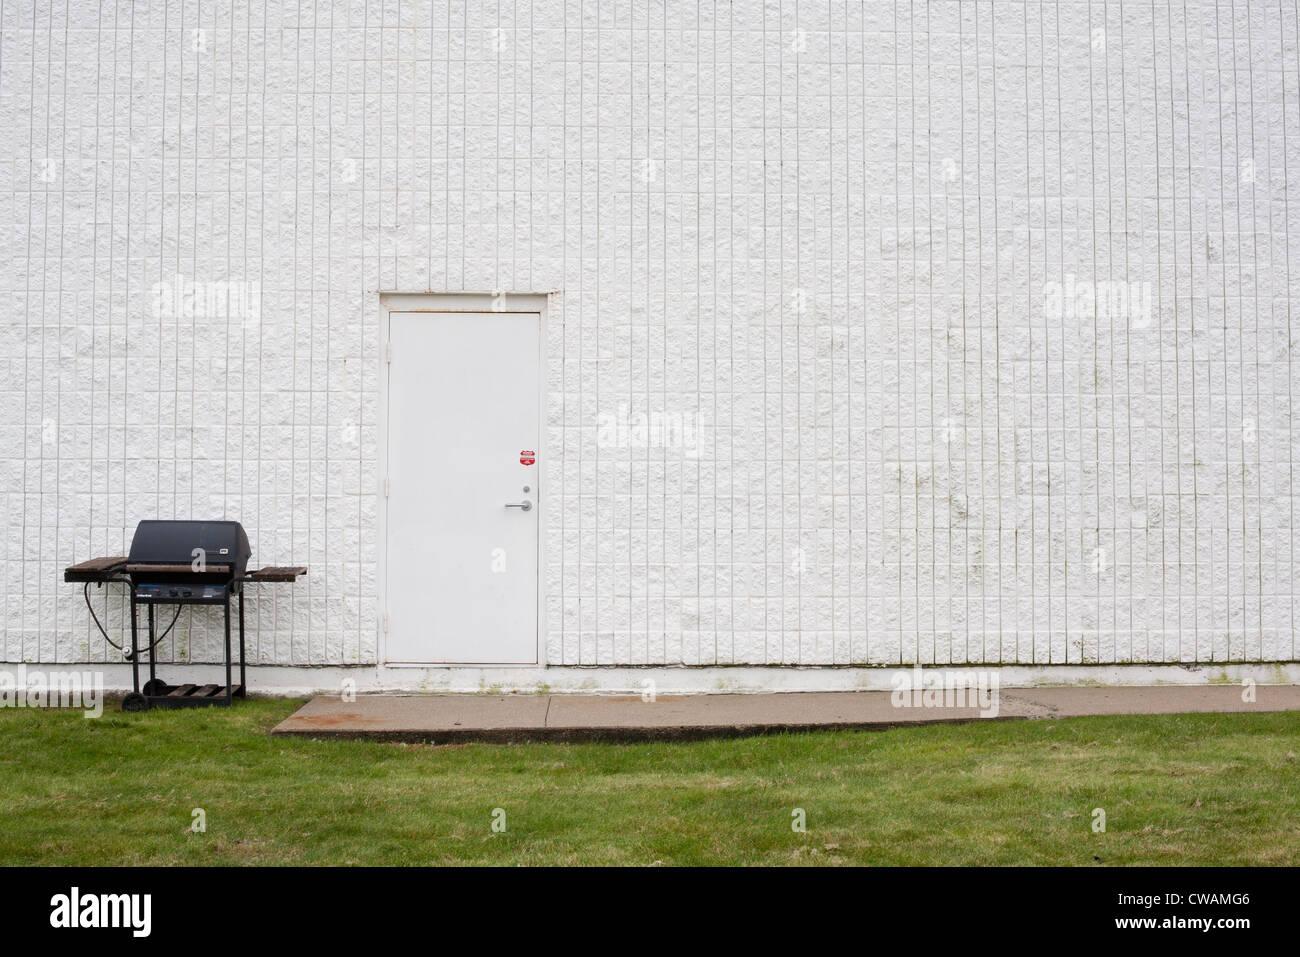 Grill und weiße Gebäude außen Stockbild